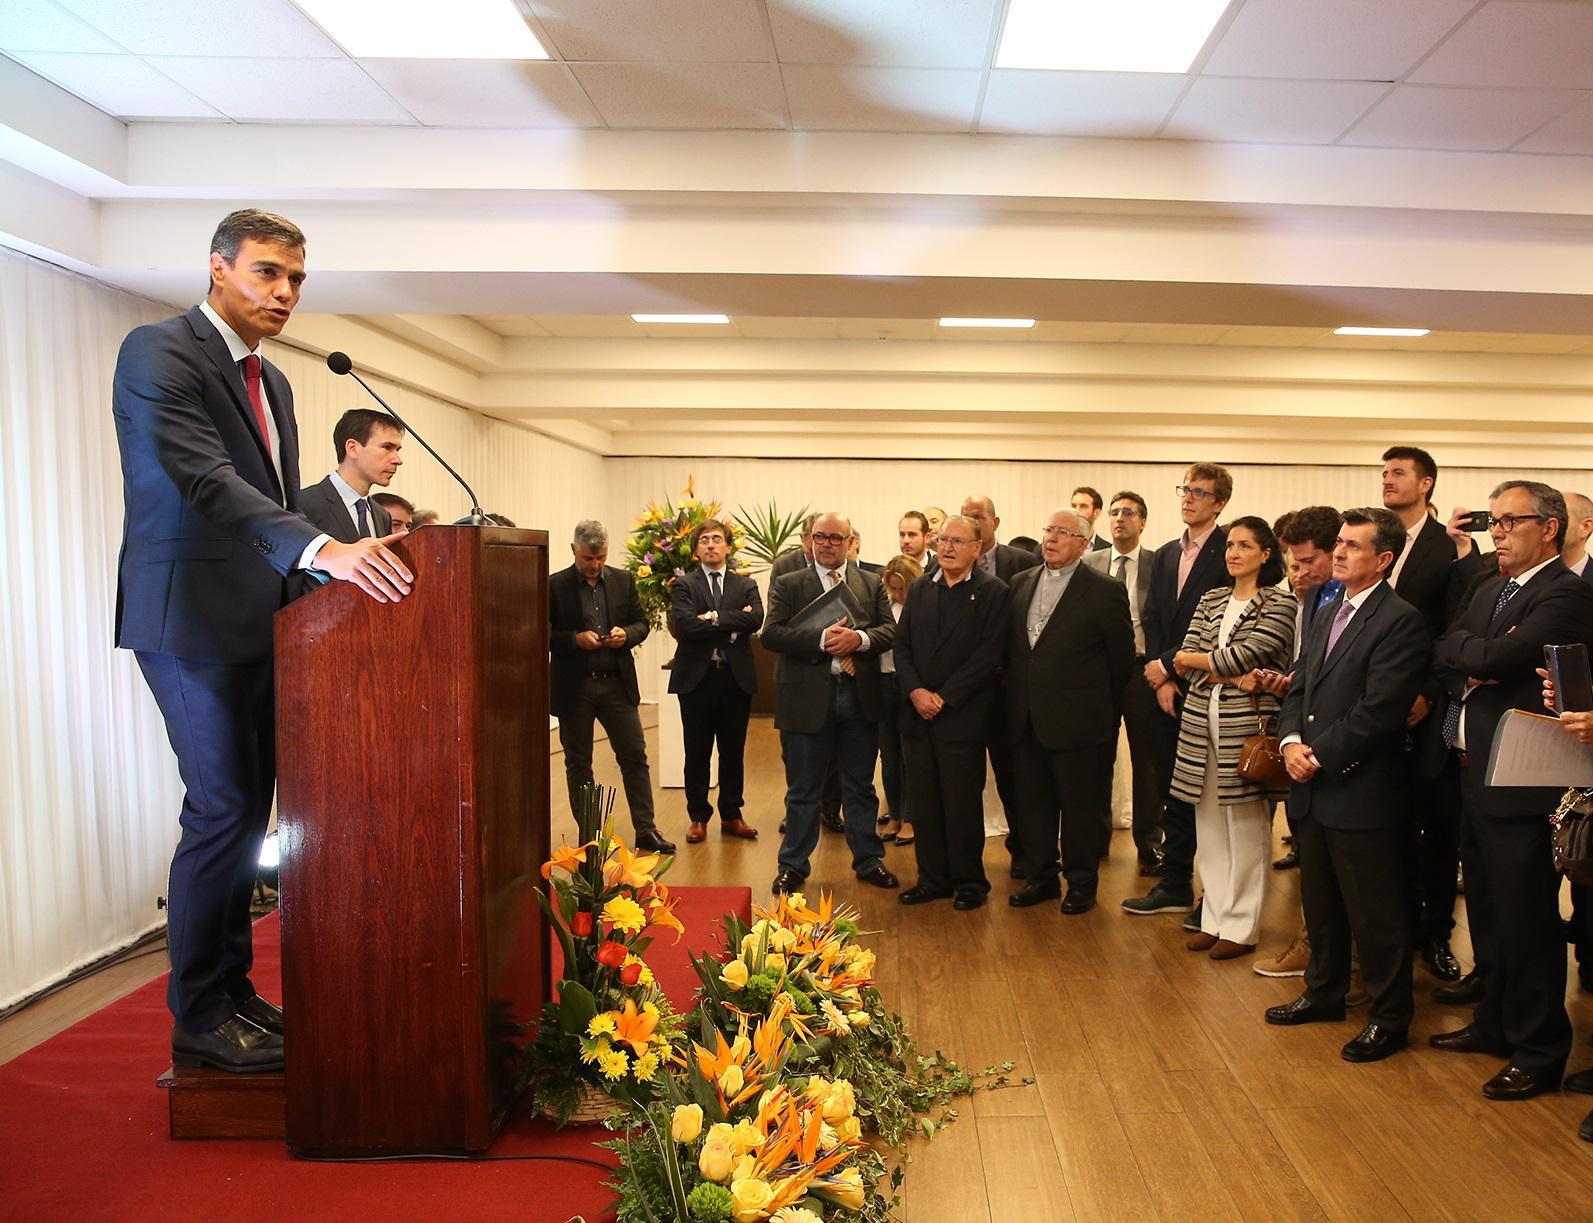 Sánchez se niega a calificar Venezuela como una dictadura / Foto: La Moncloa